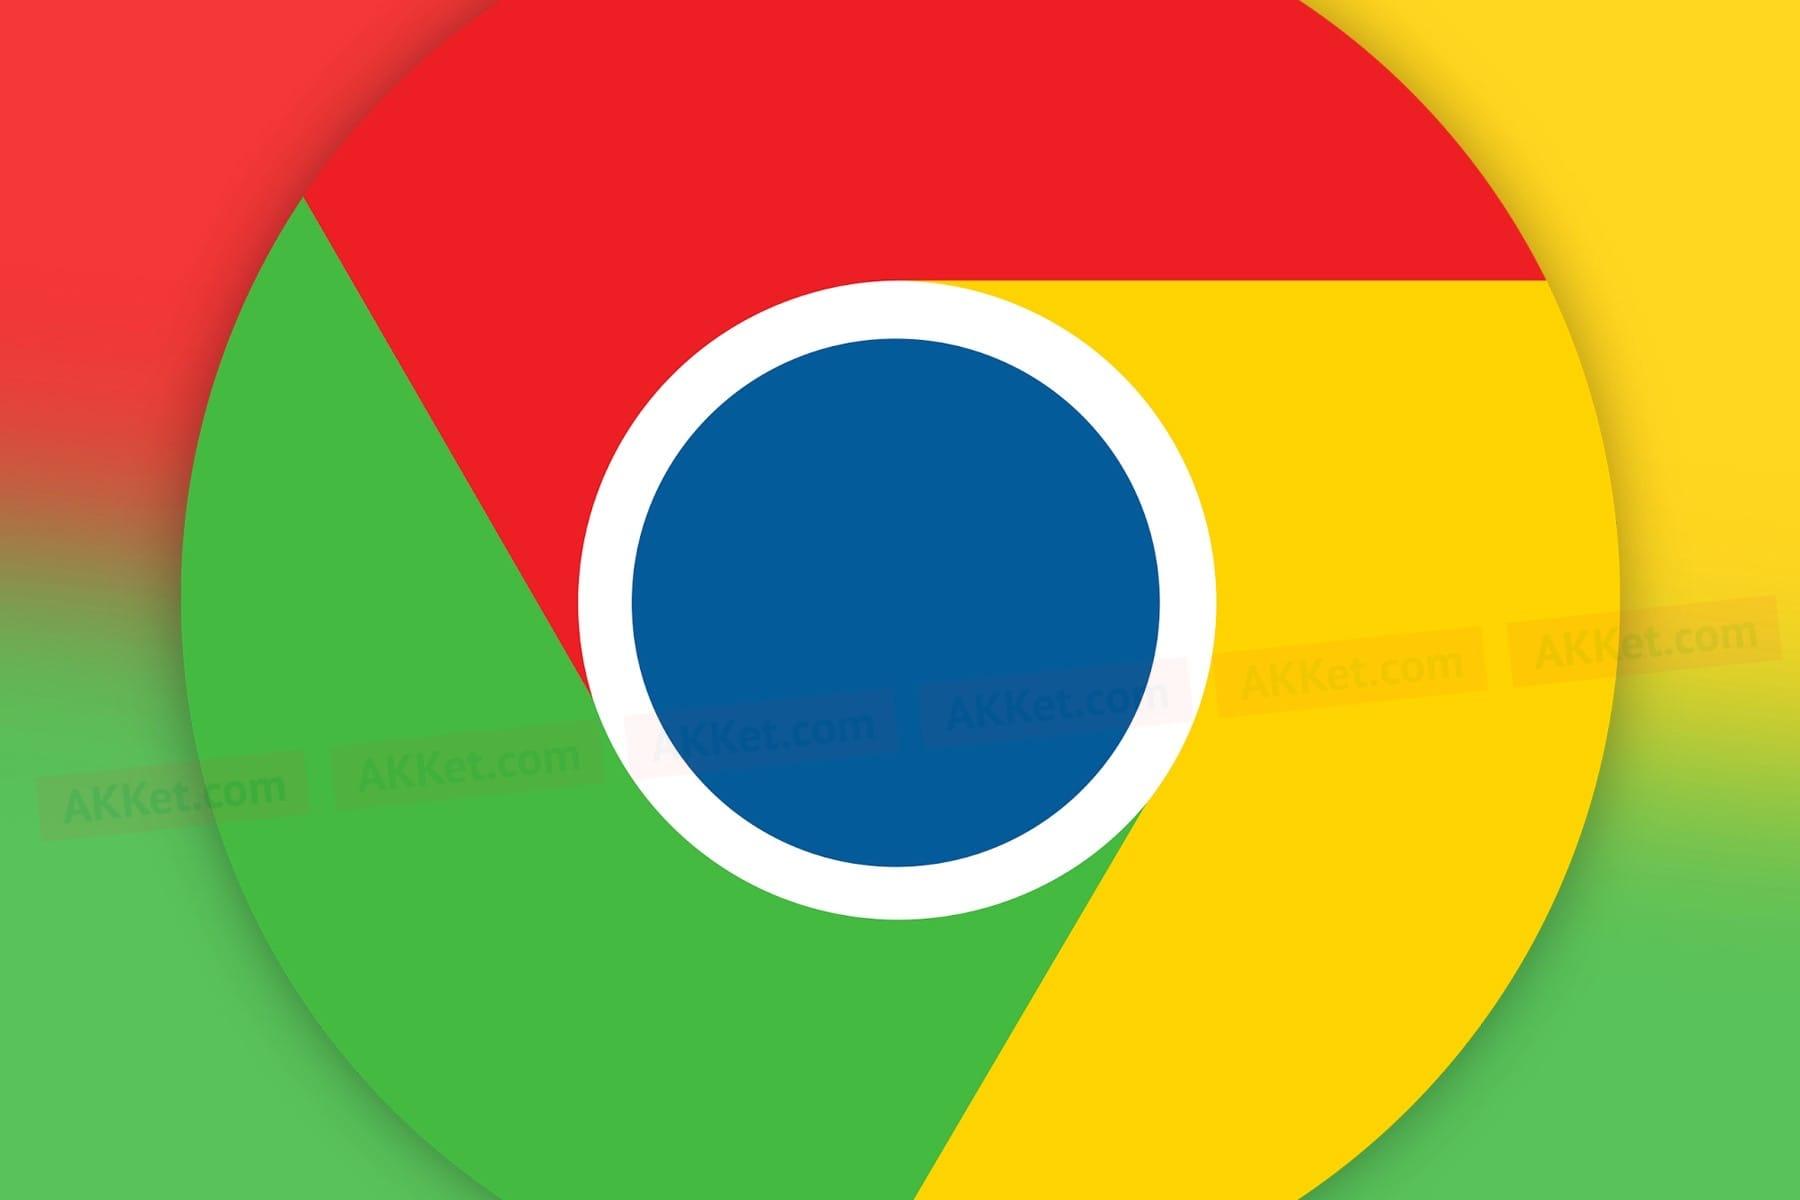 Come configurare e ottimizzare Google Chrome per migliorare velocità, privacy e sicurezza? 2